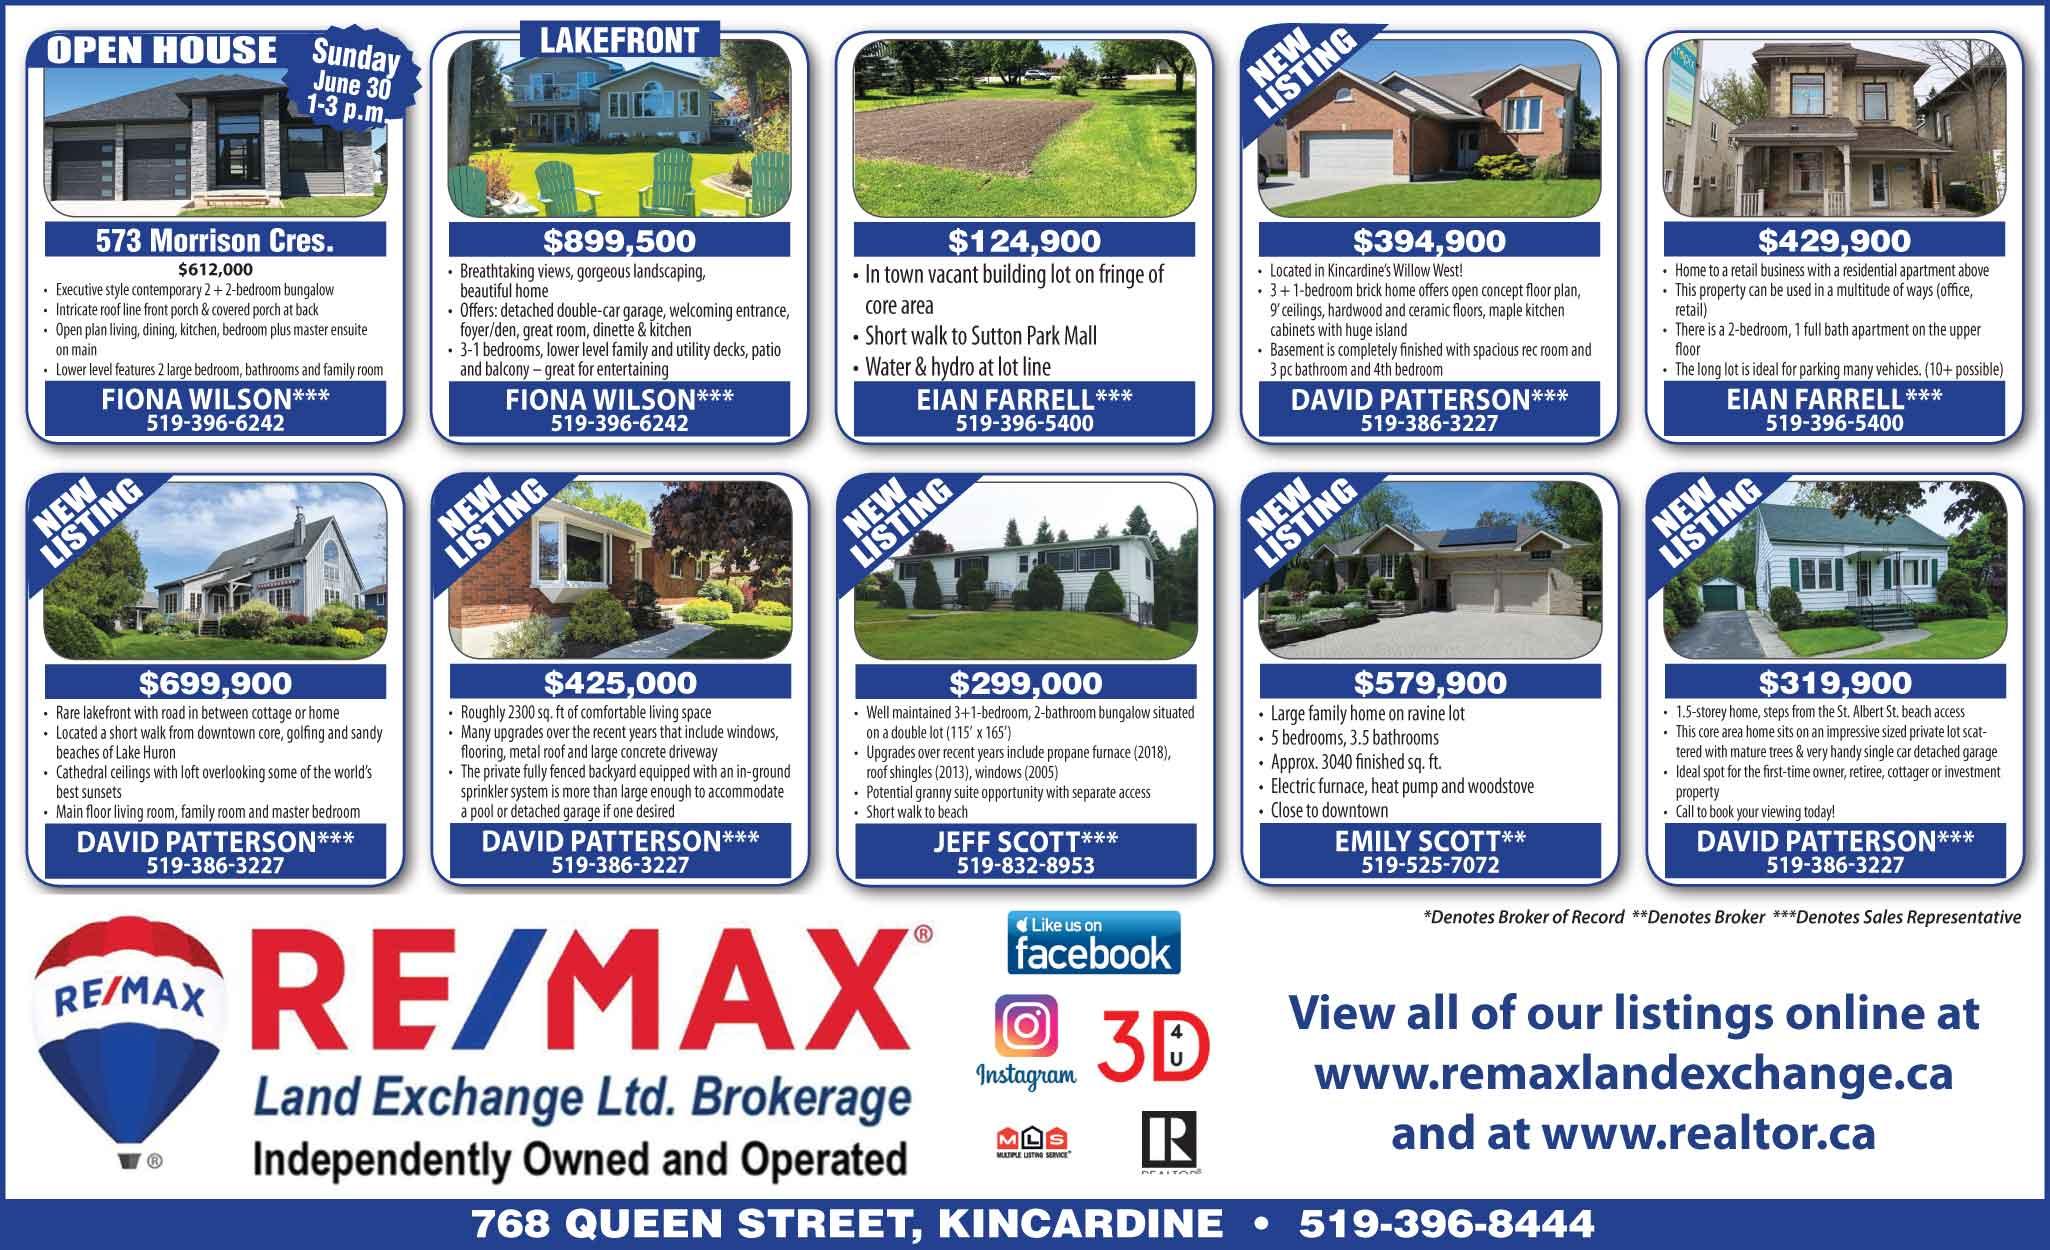 Real Estate June 26 2019 - Kincardine Independent